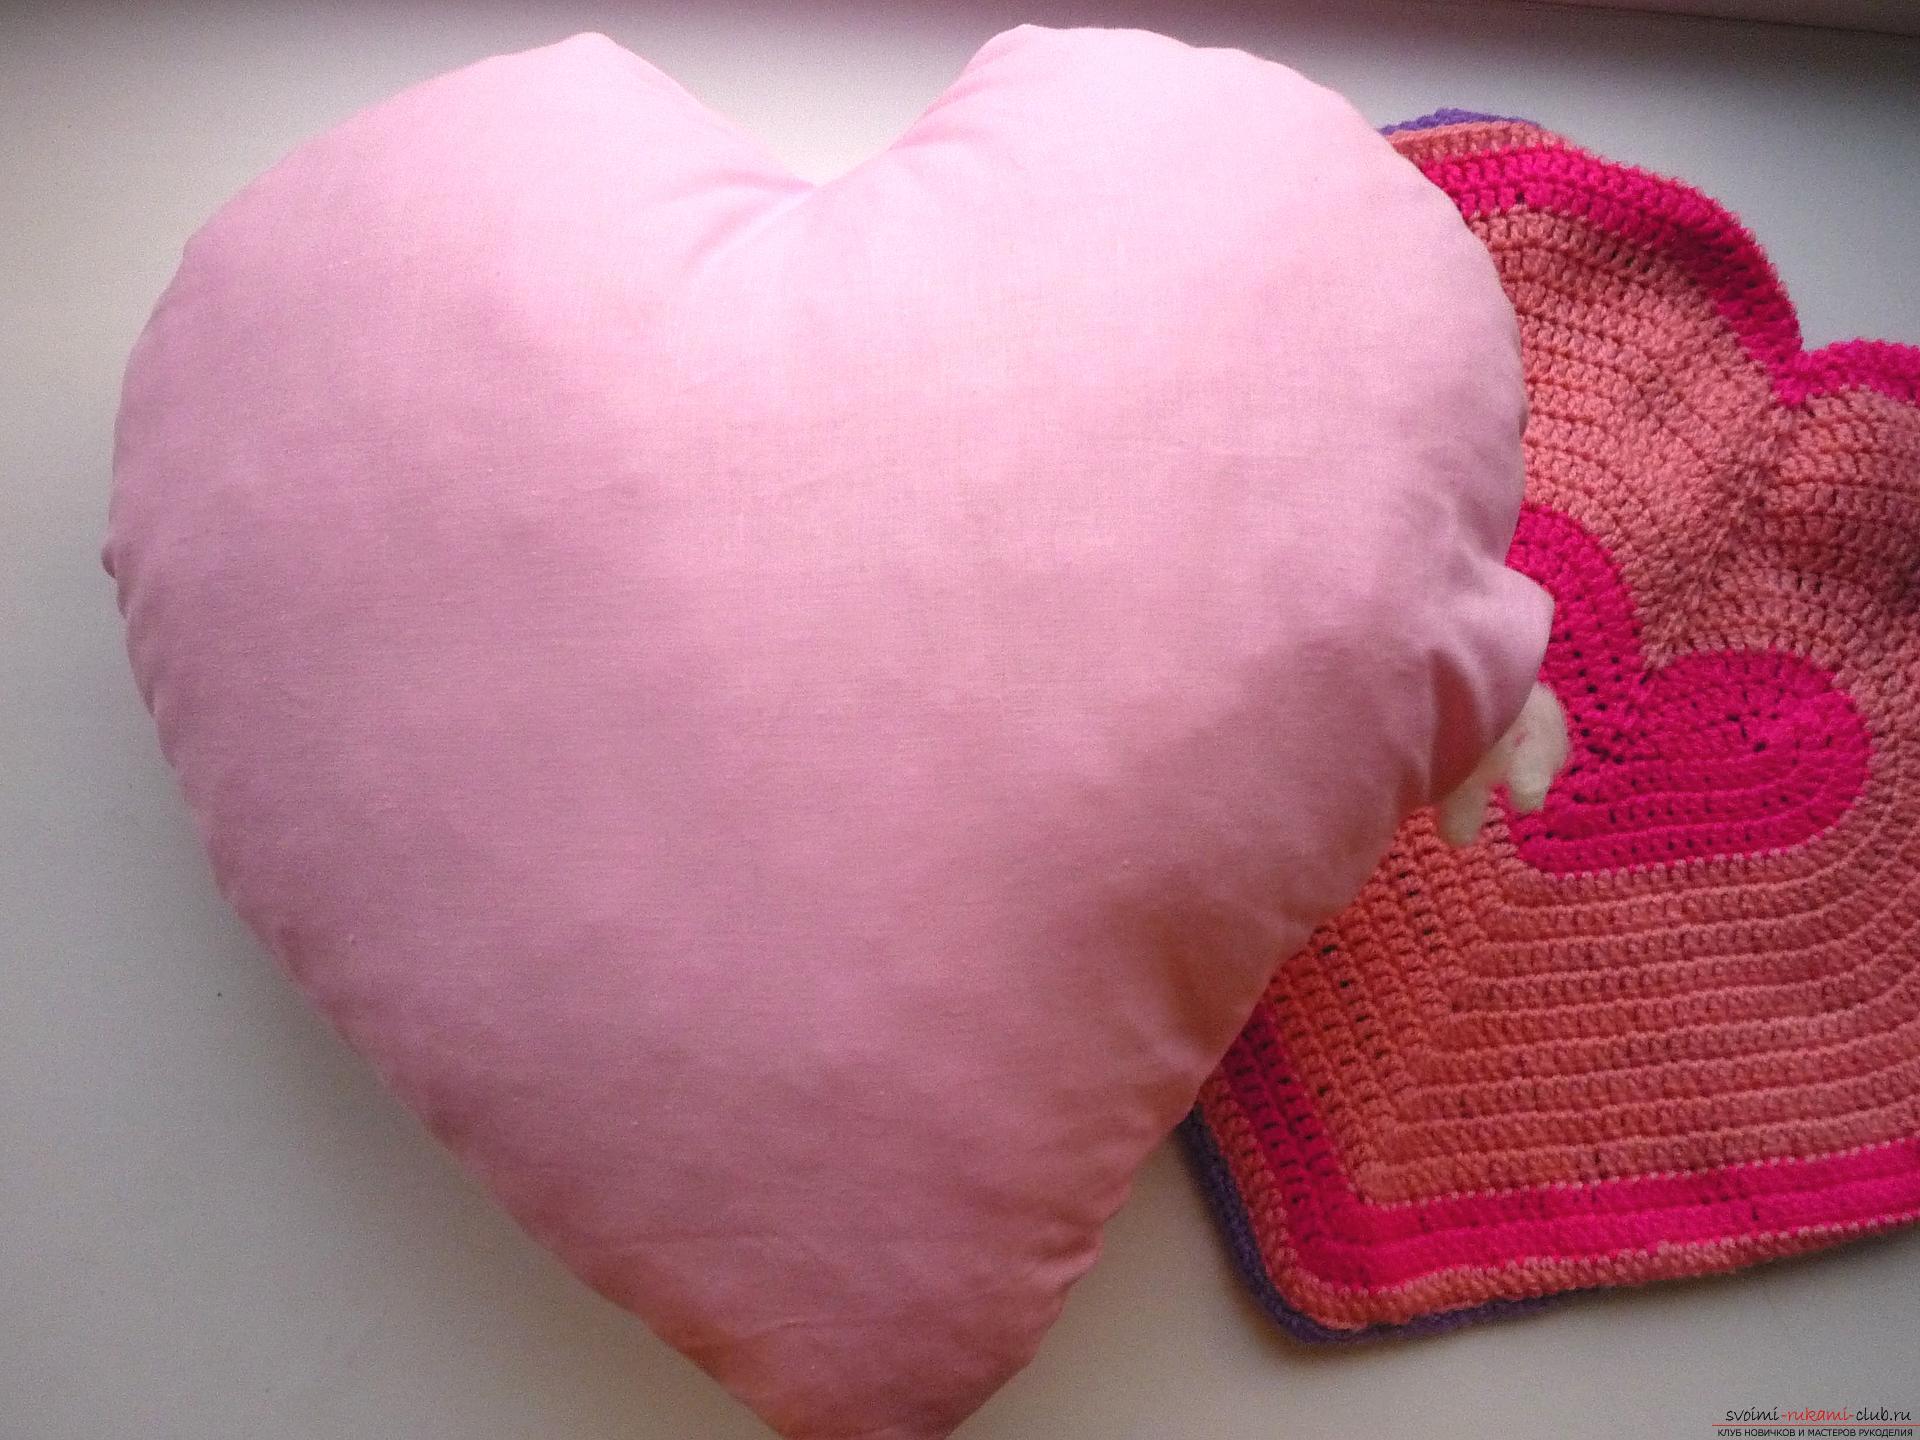 Диванная подушка своими руками (мастер-класс). Идеи для 24